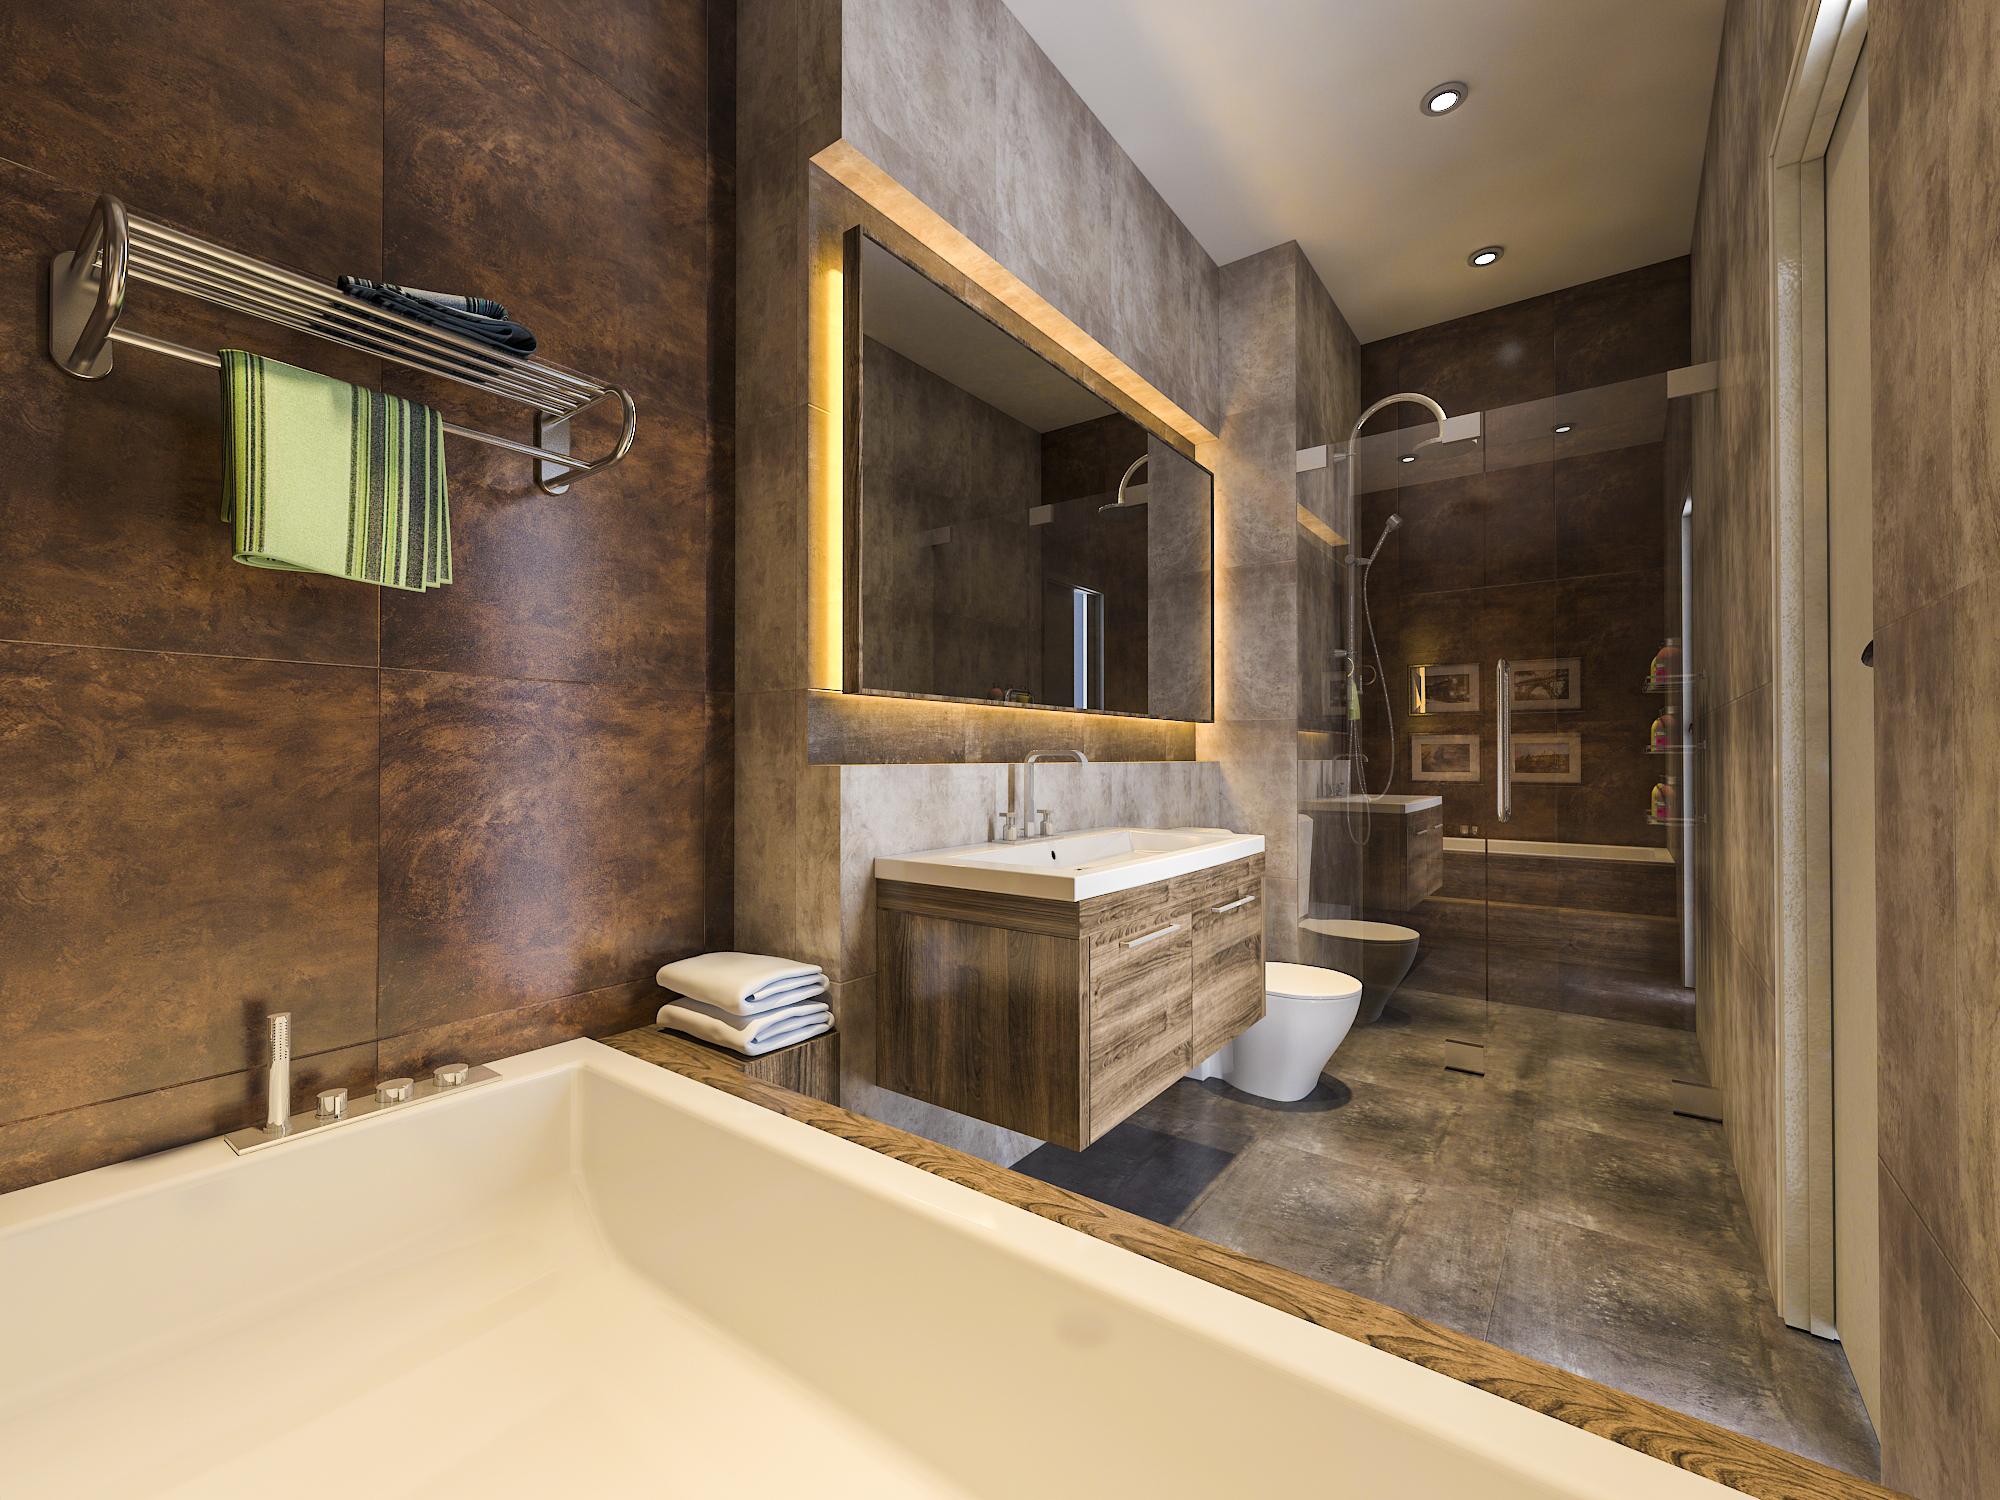 thiết kế nội thất chung cư tại Hồ Chí Minh Ms. Ly Apartment 28 1562574651